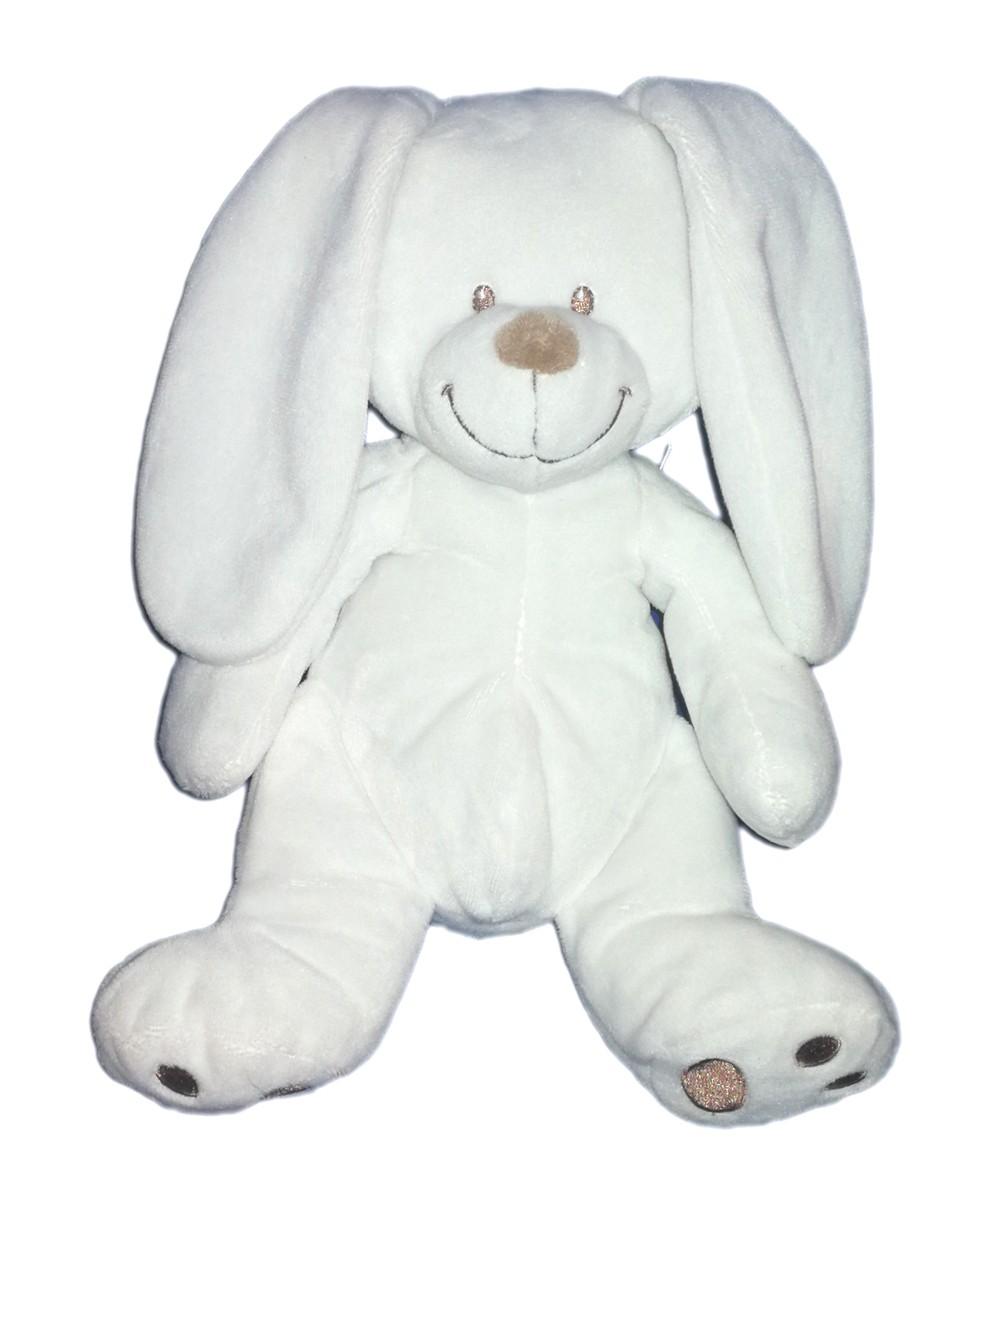 Doudou Plat Lapin Blanc Empreinte Nicotoy Simba Toys Baby Club